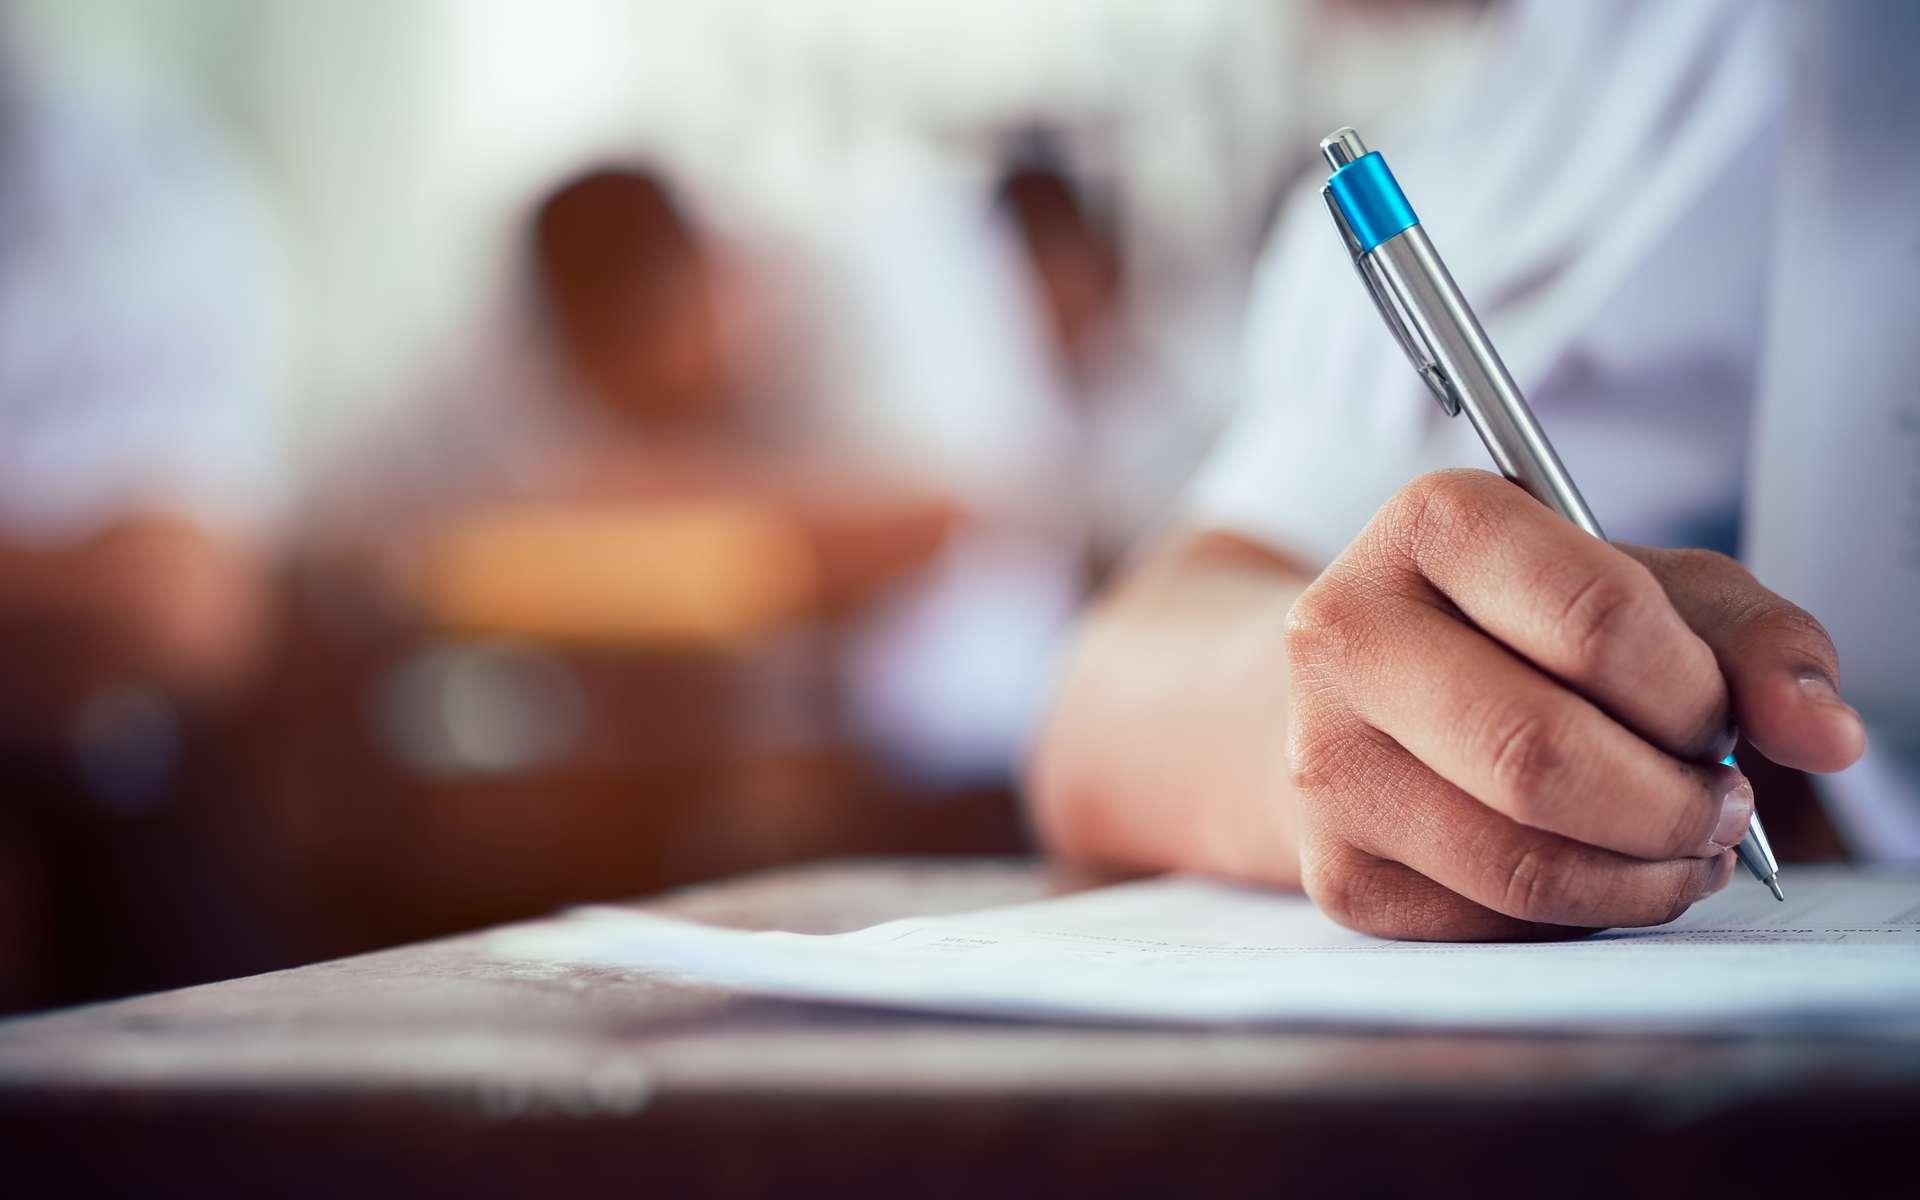 Avec la digitalisation des épreuves, plus de crayon ni de papier pour passer un concours d'entrée dans une Grande École. © Arrowsmith2, Abode Stock